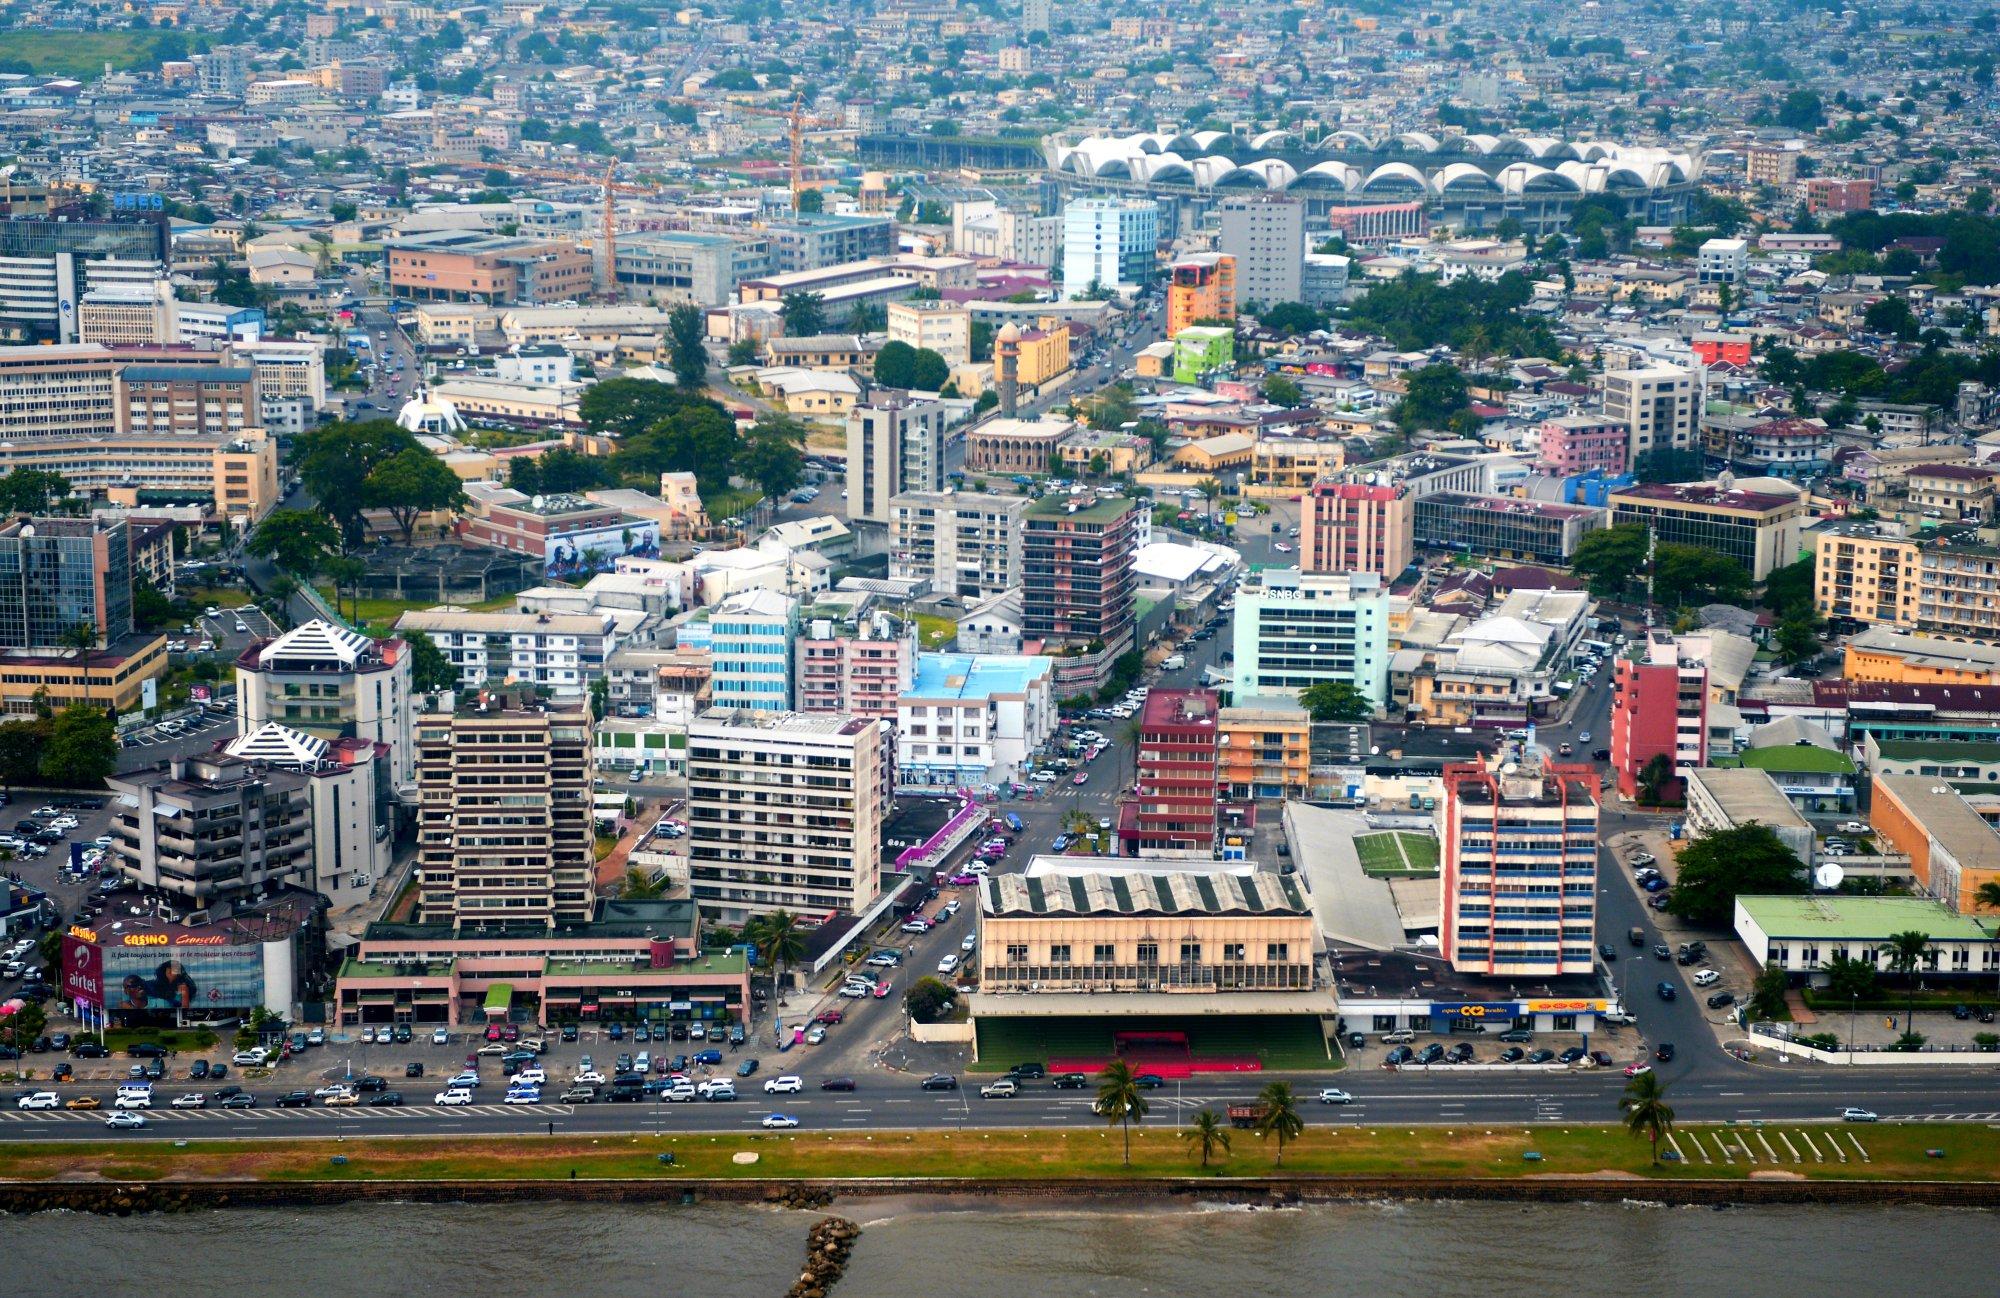 非洲第4富国:人均GDP近2万美元,却有超1/3人口处于极度贫困